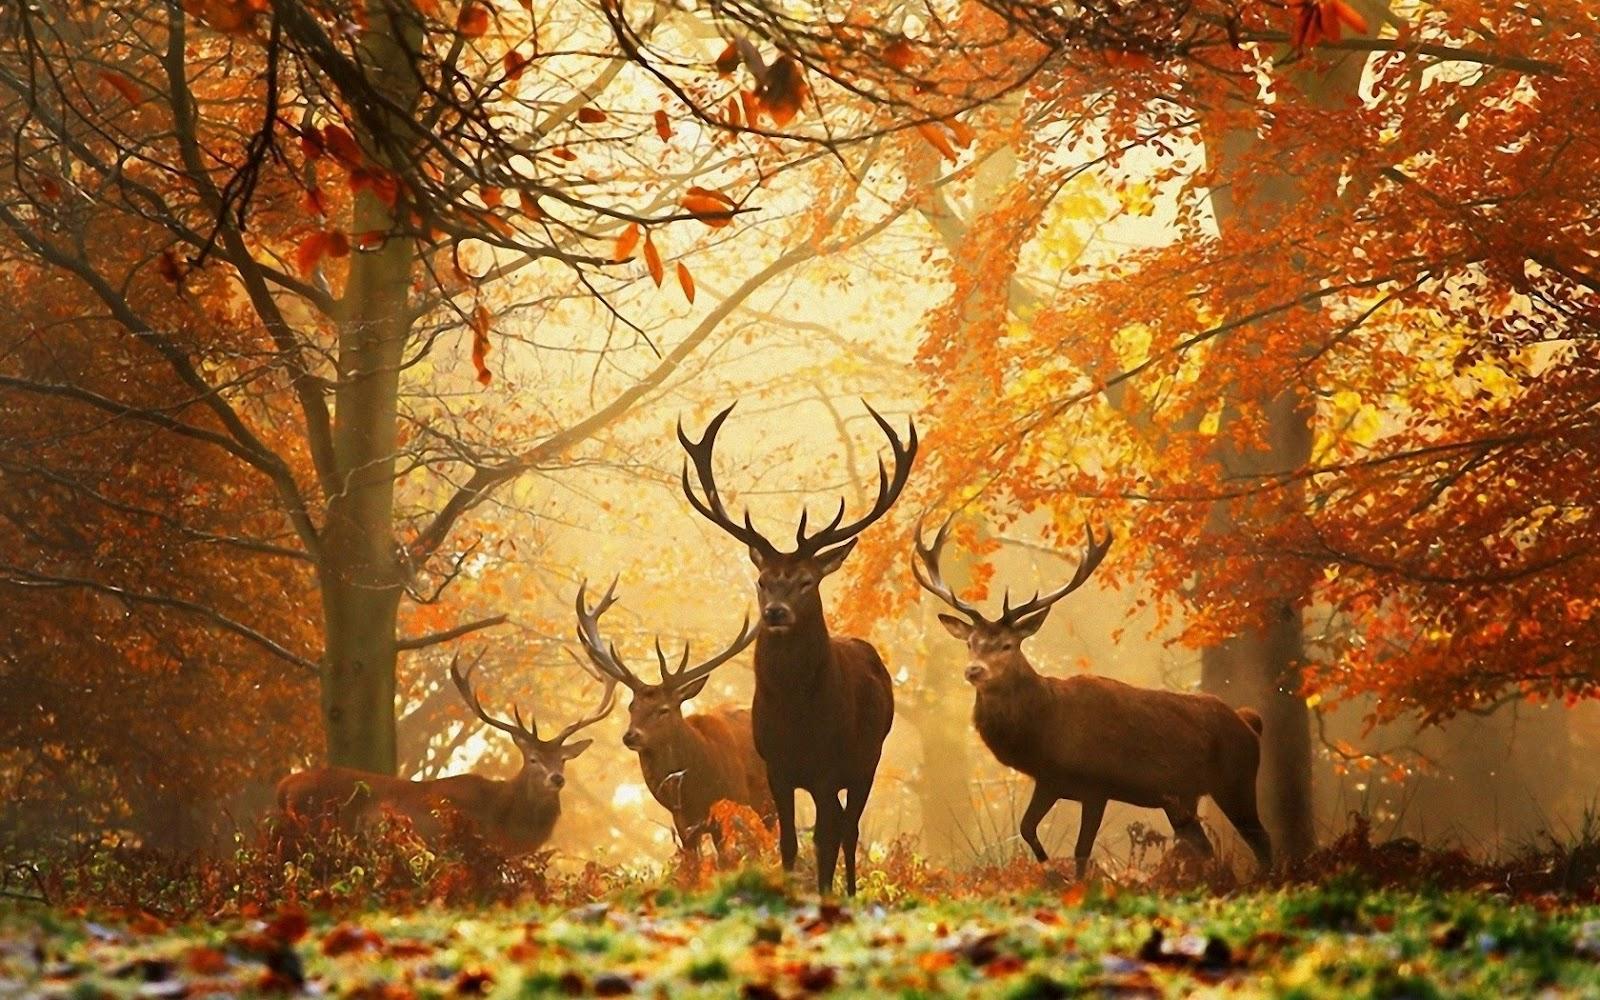 Deer Herd In Forest Autumn HD Nature Wallpaper Wallpapers